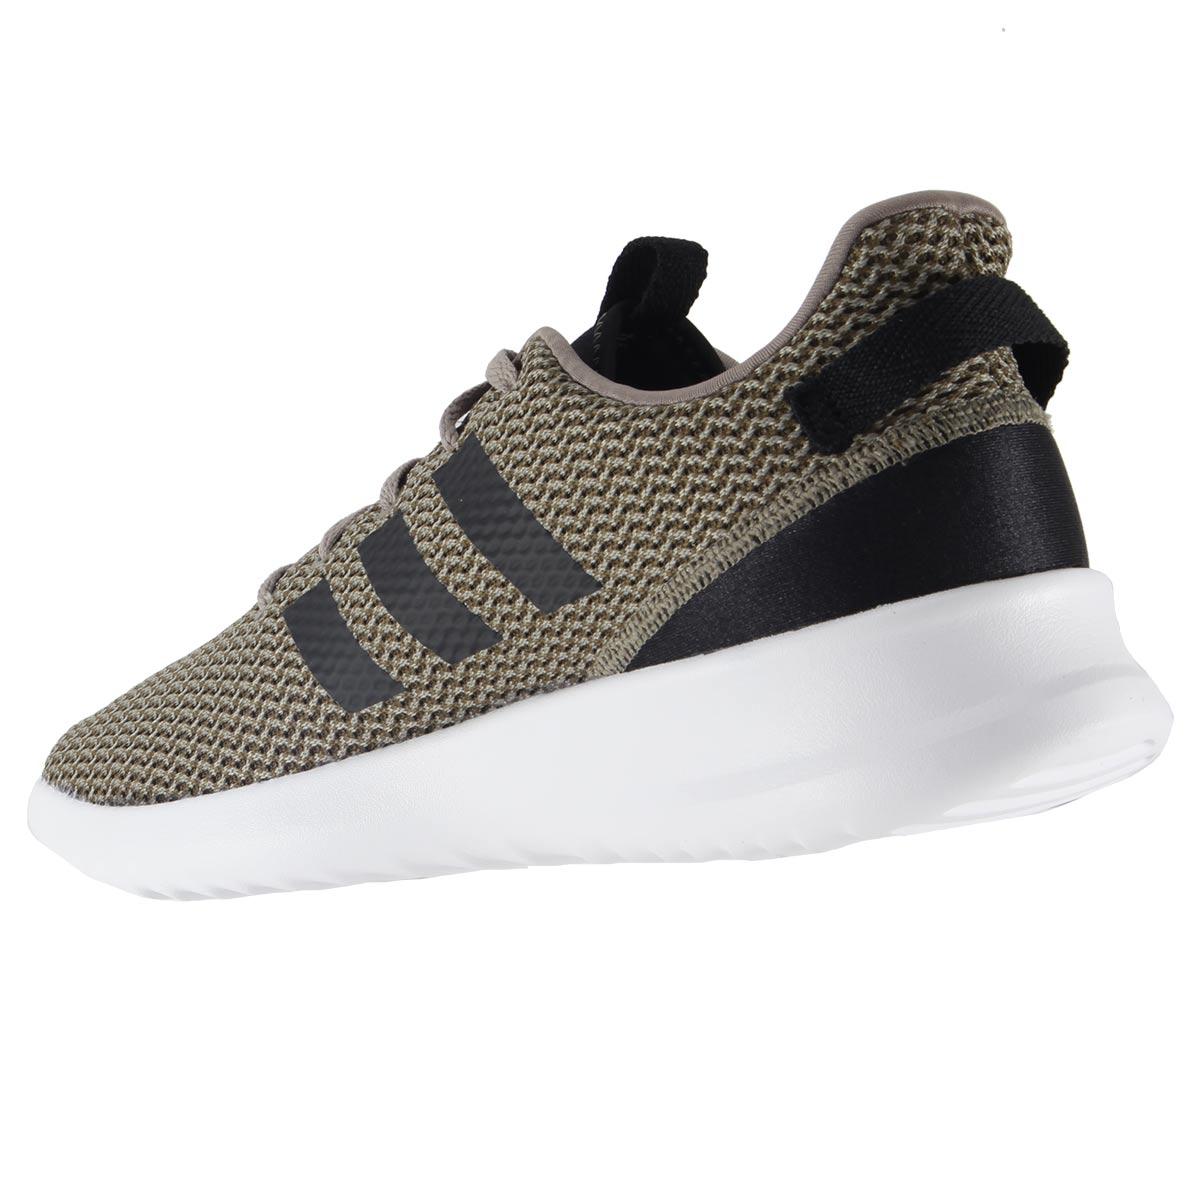 ba9463e75b Tênis Adidas Cf Racer Tr Masculino - Ian Calçados